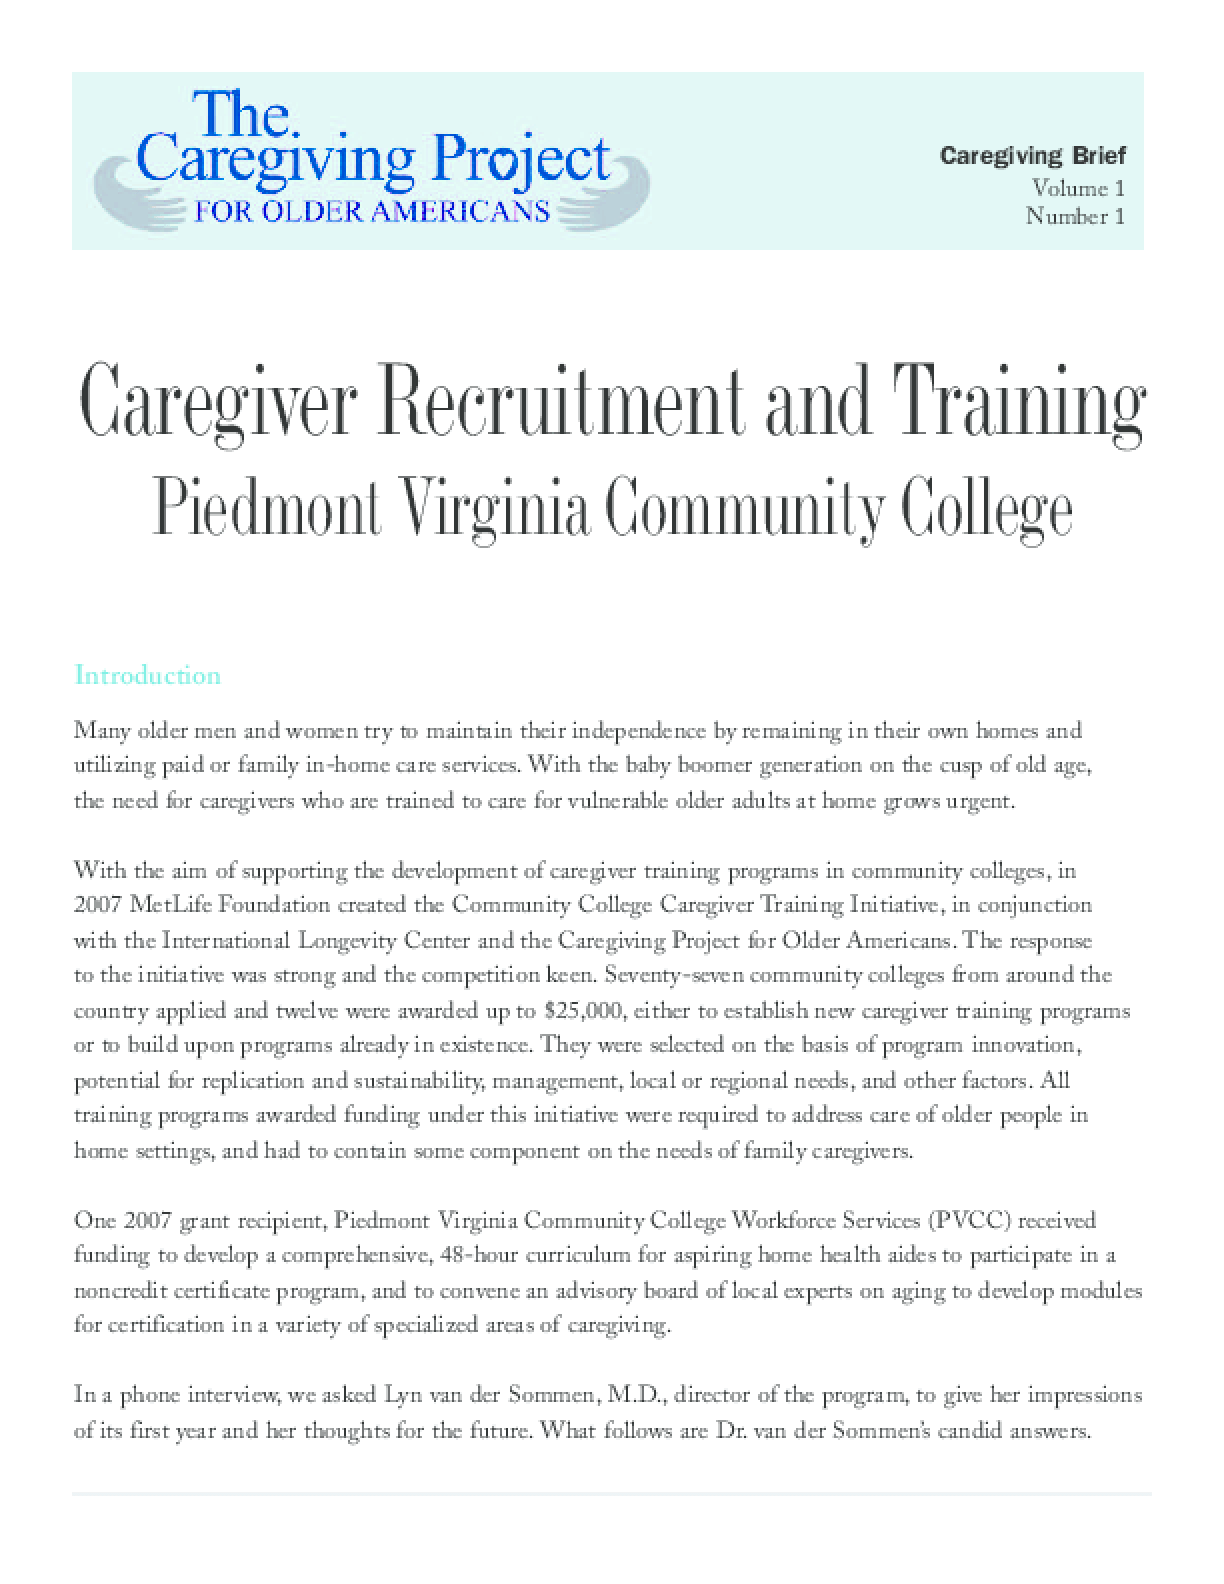 Caregiving Recruitment Training